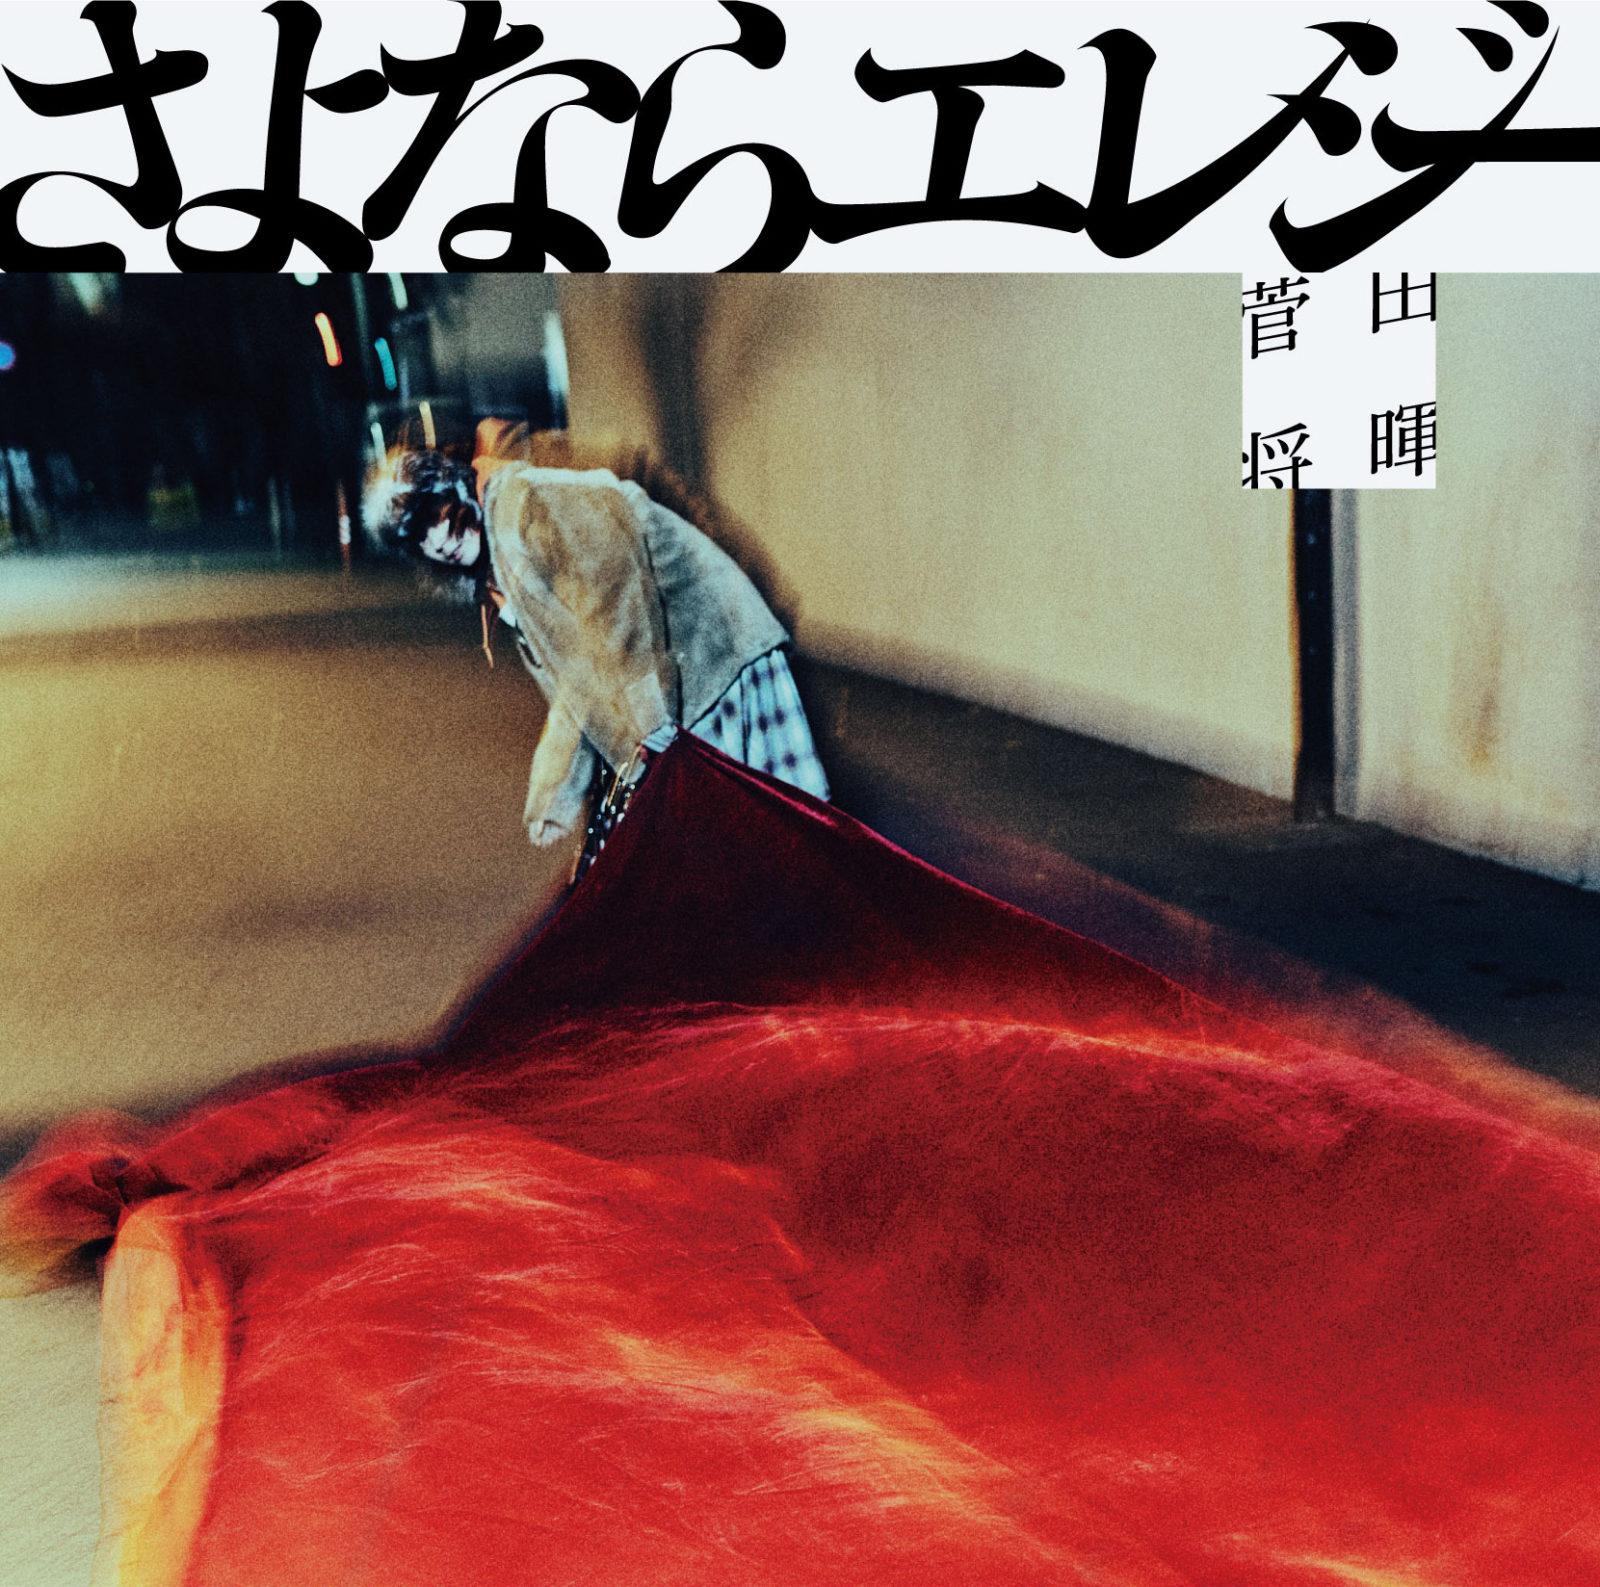 菅田将暉3rdシングル「さよならエレジー」のジャケットアートワーク公開サムネイル画像